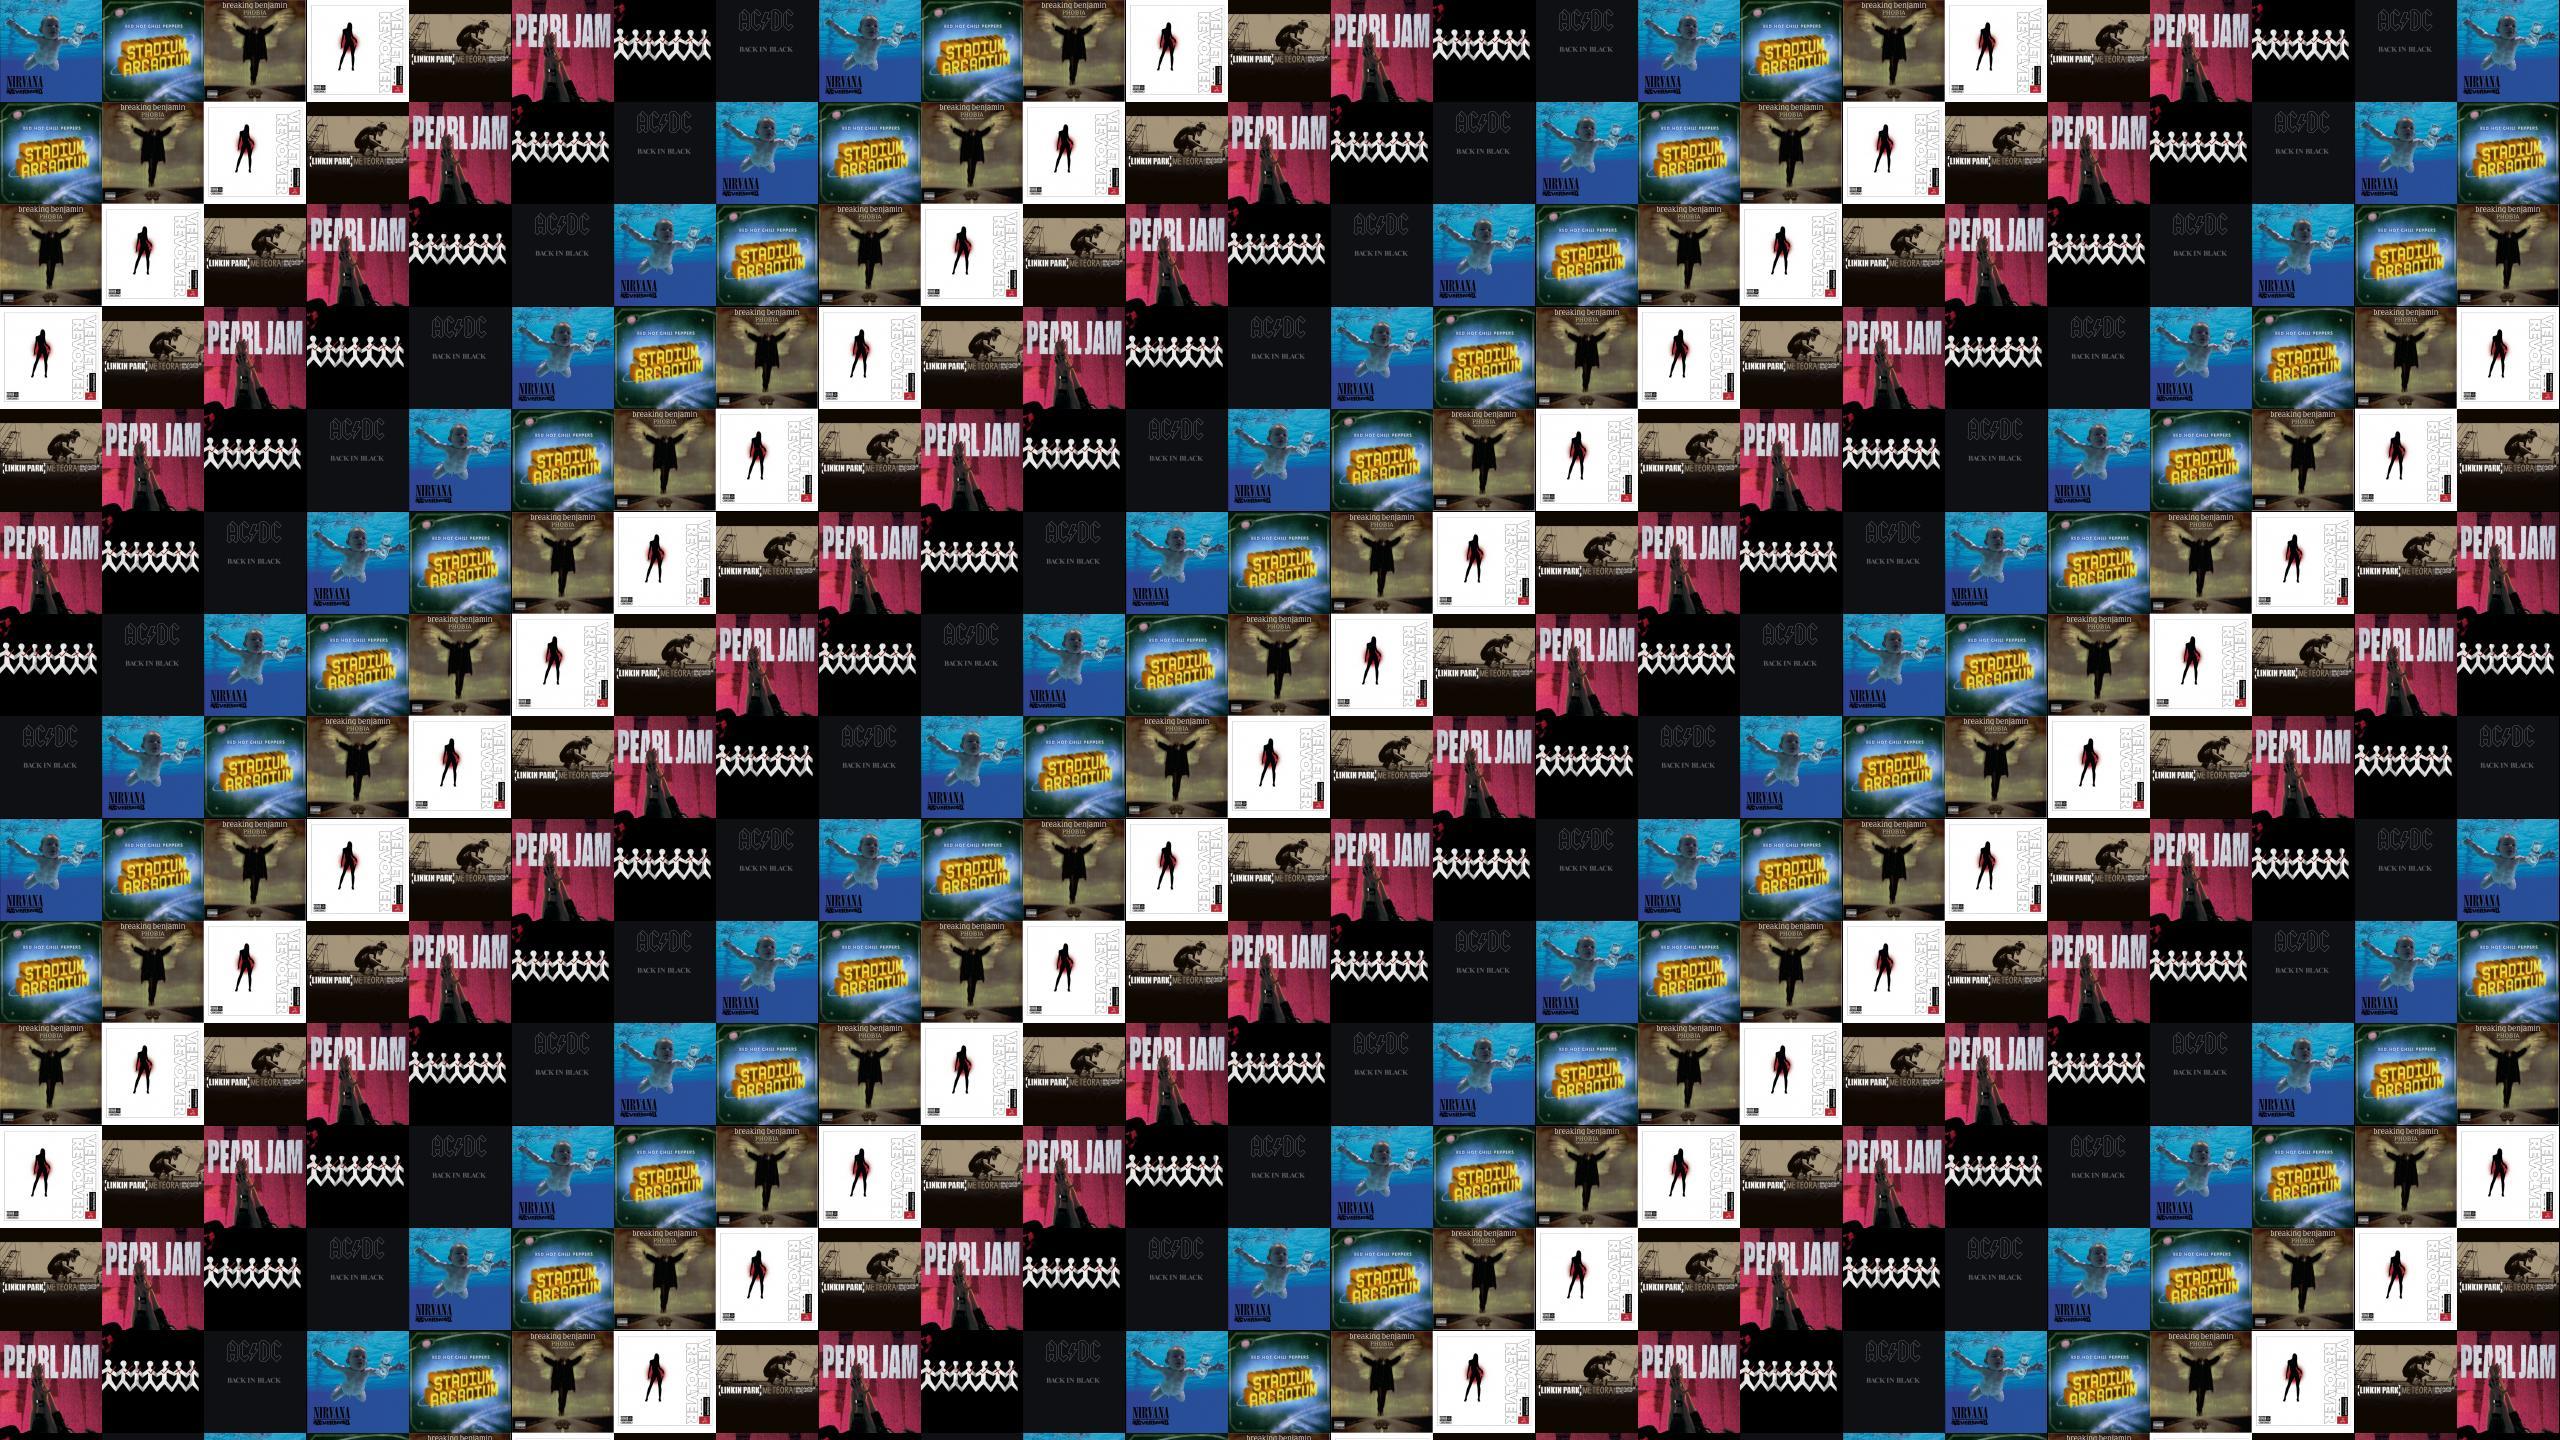 Velvet Revolver Tiled Desktop Wallpaper